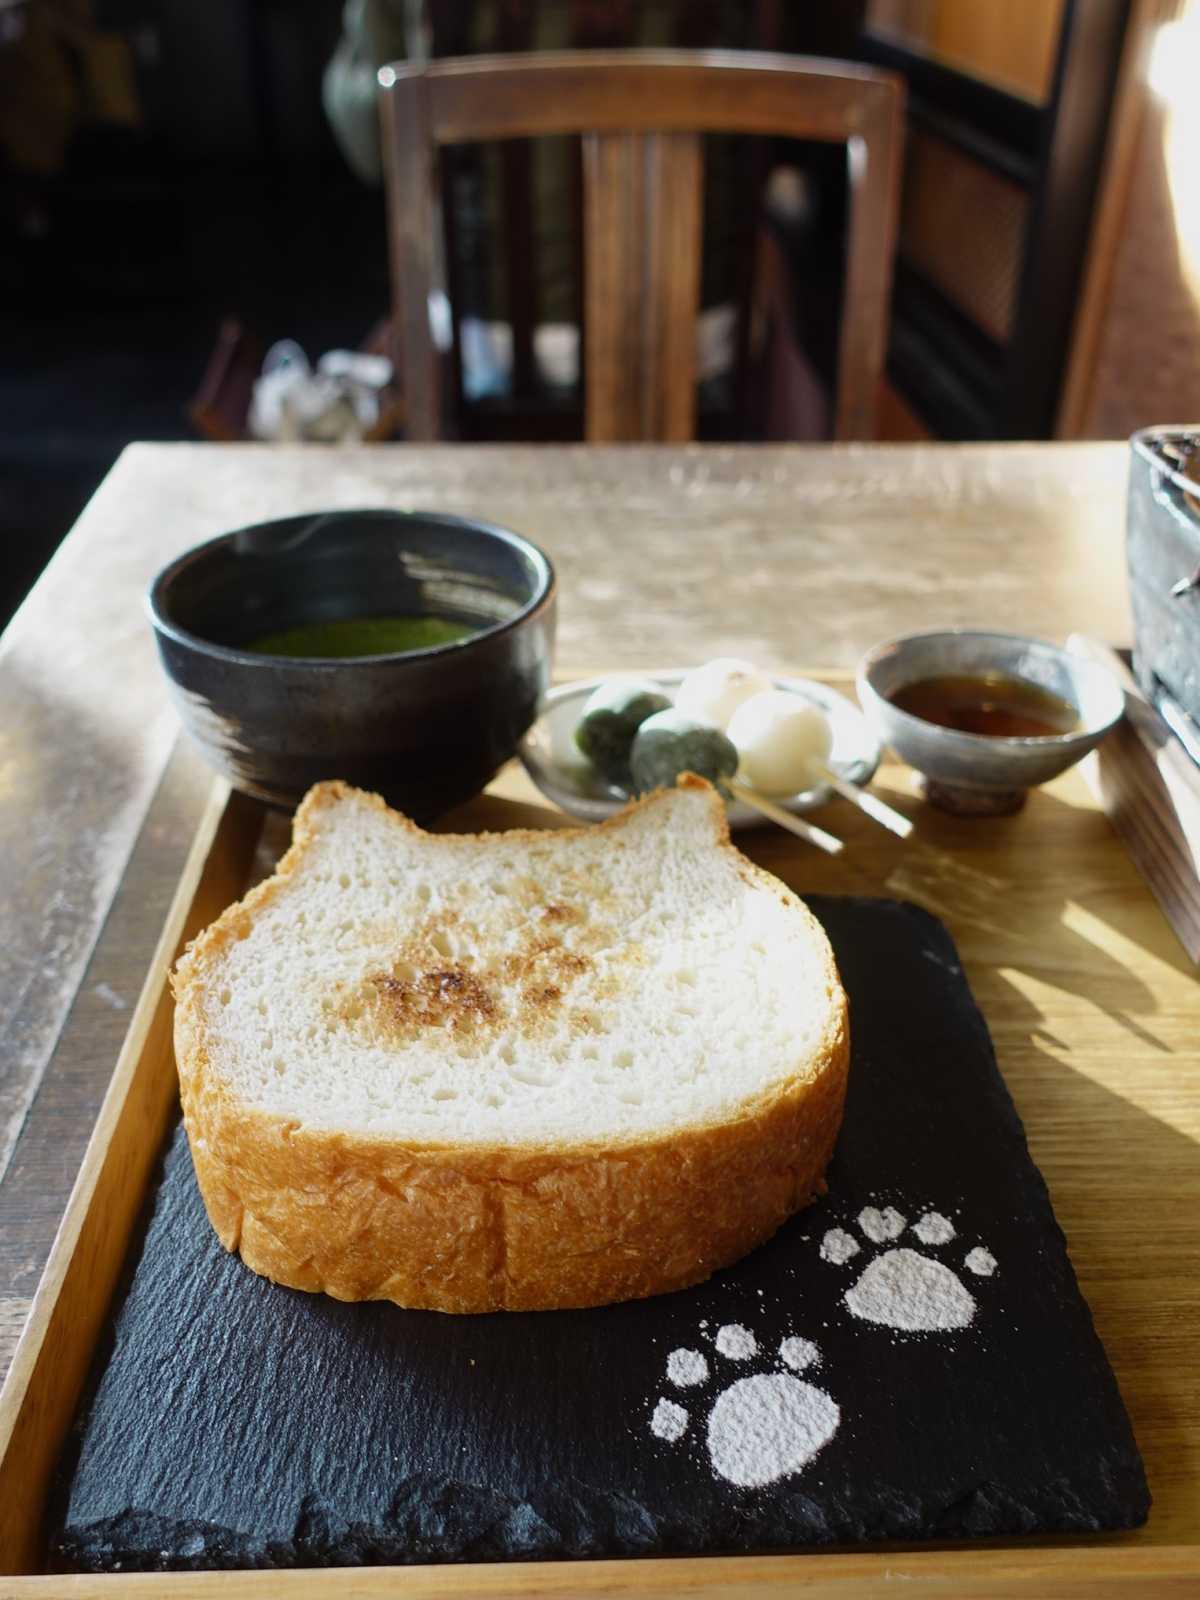 ねこパンが人気の京都嵐山のイクスカフェ♡お団子もモチモチ - TRIPROUD